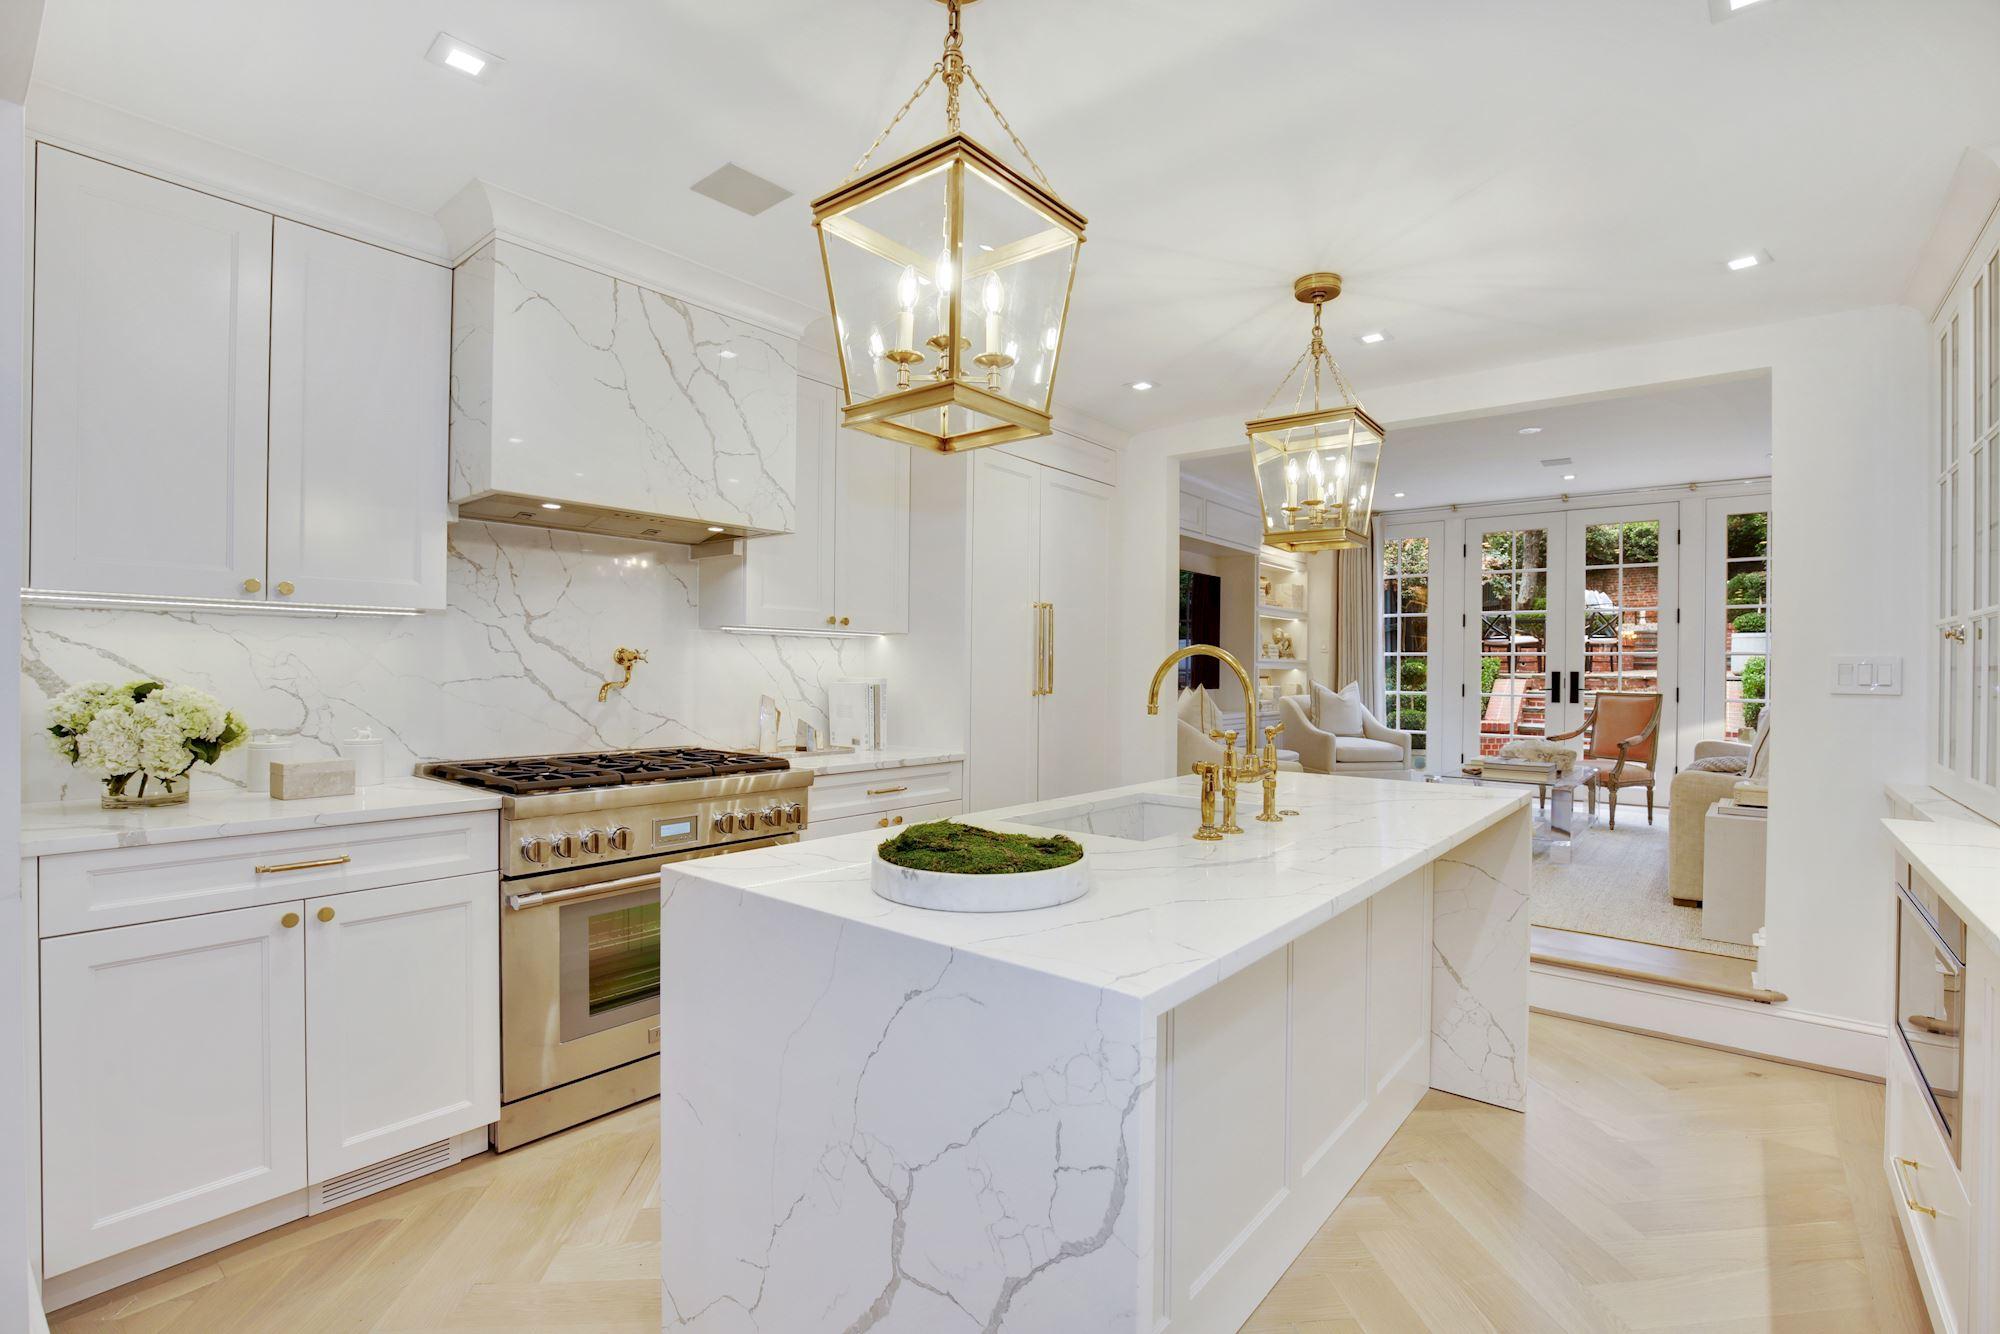 Дизайн кухонной мебели фото 6